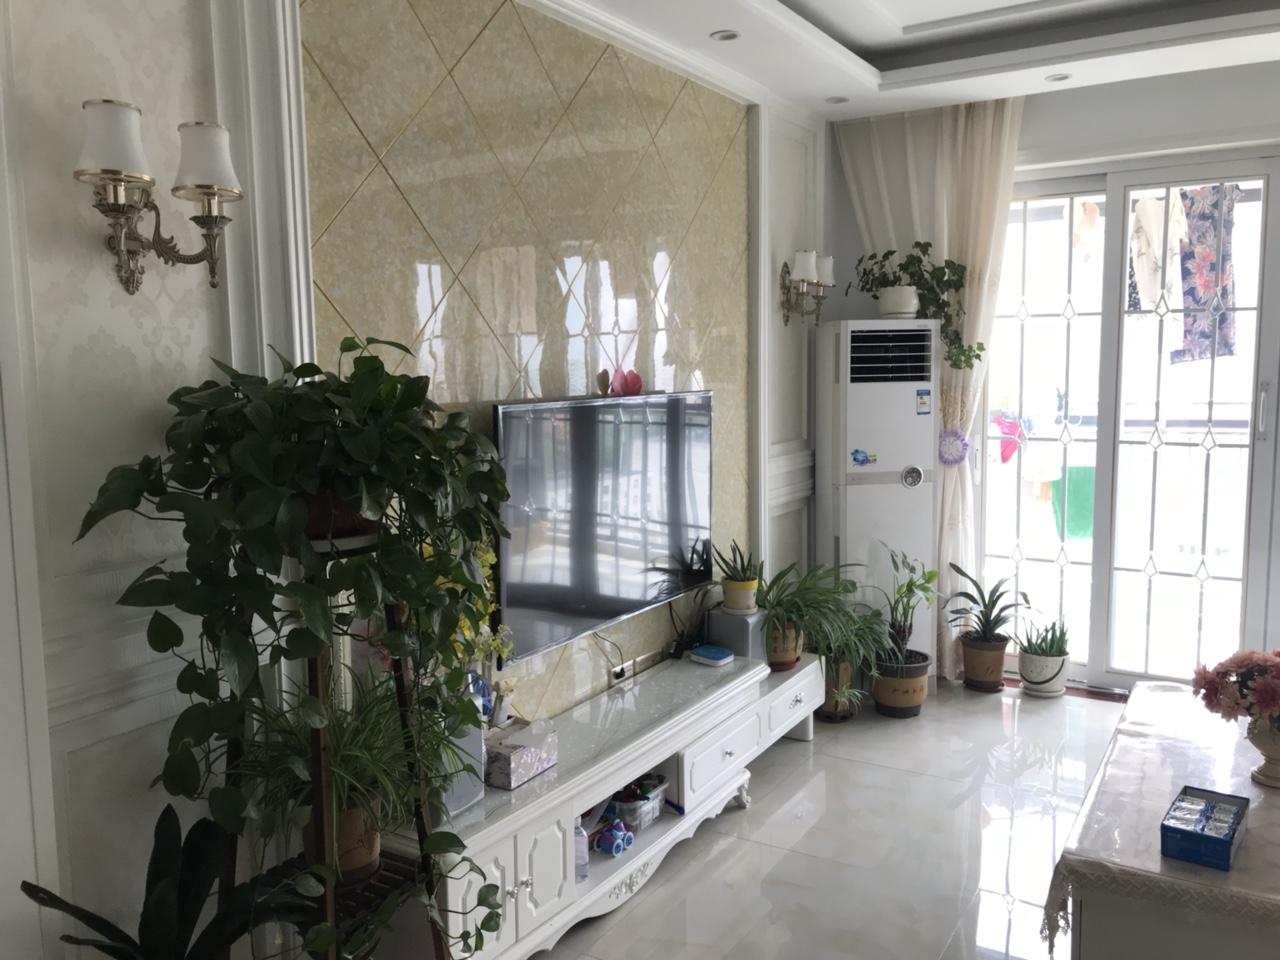 華儒幸福時代精裝修兩居室67萬元